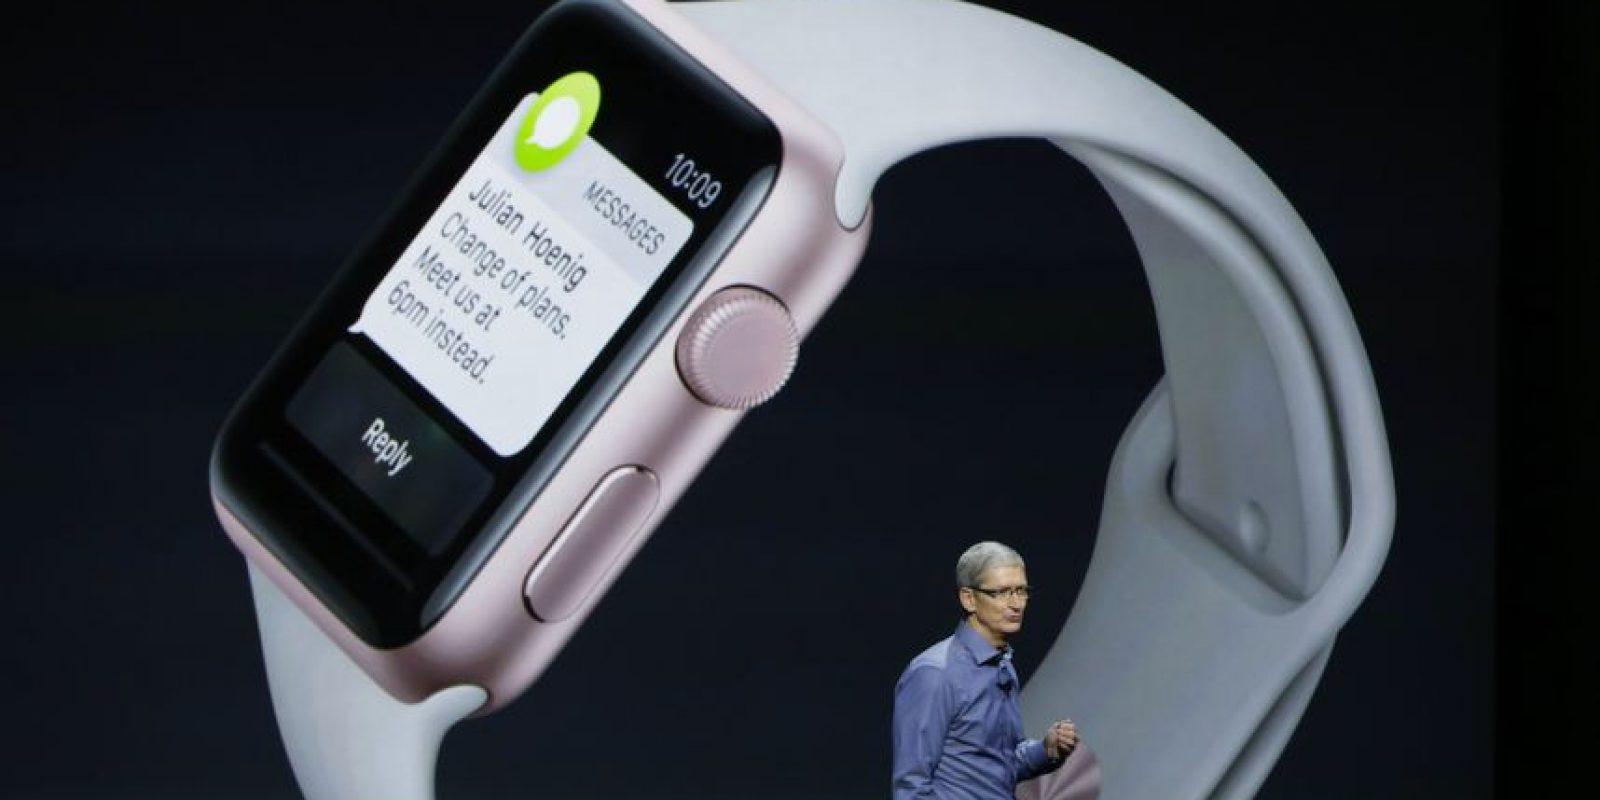 Apple Watch ayudará a monitorear el latido cardiaco de los bebés. Foto:Getty Images